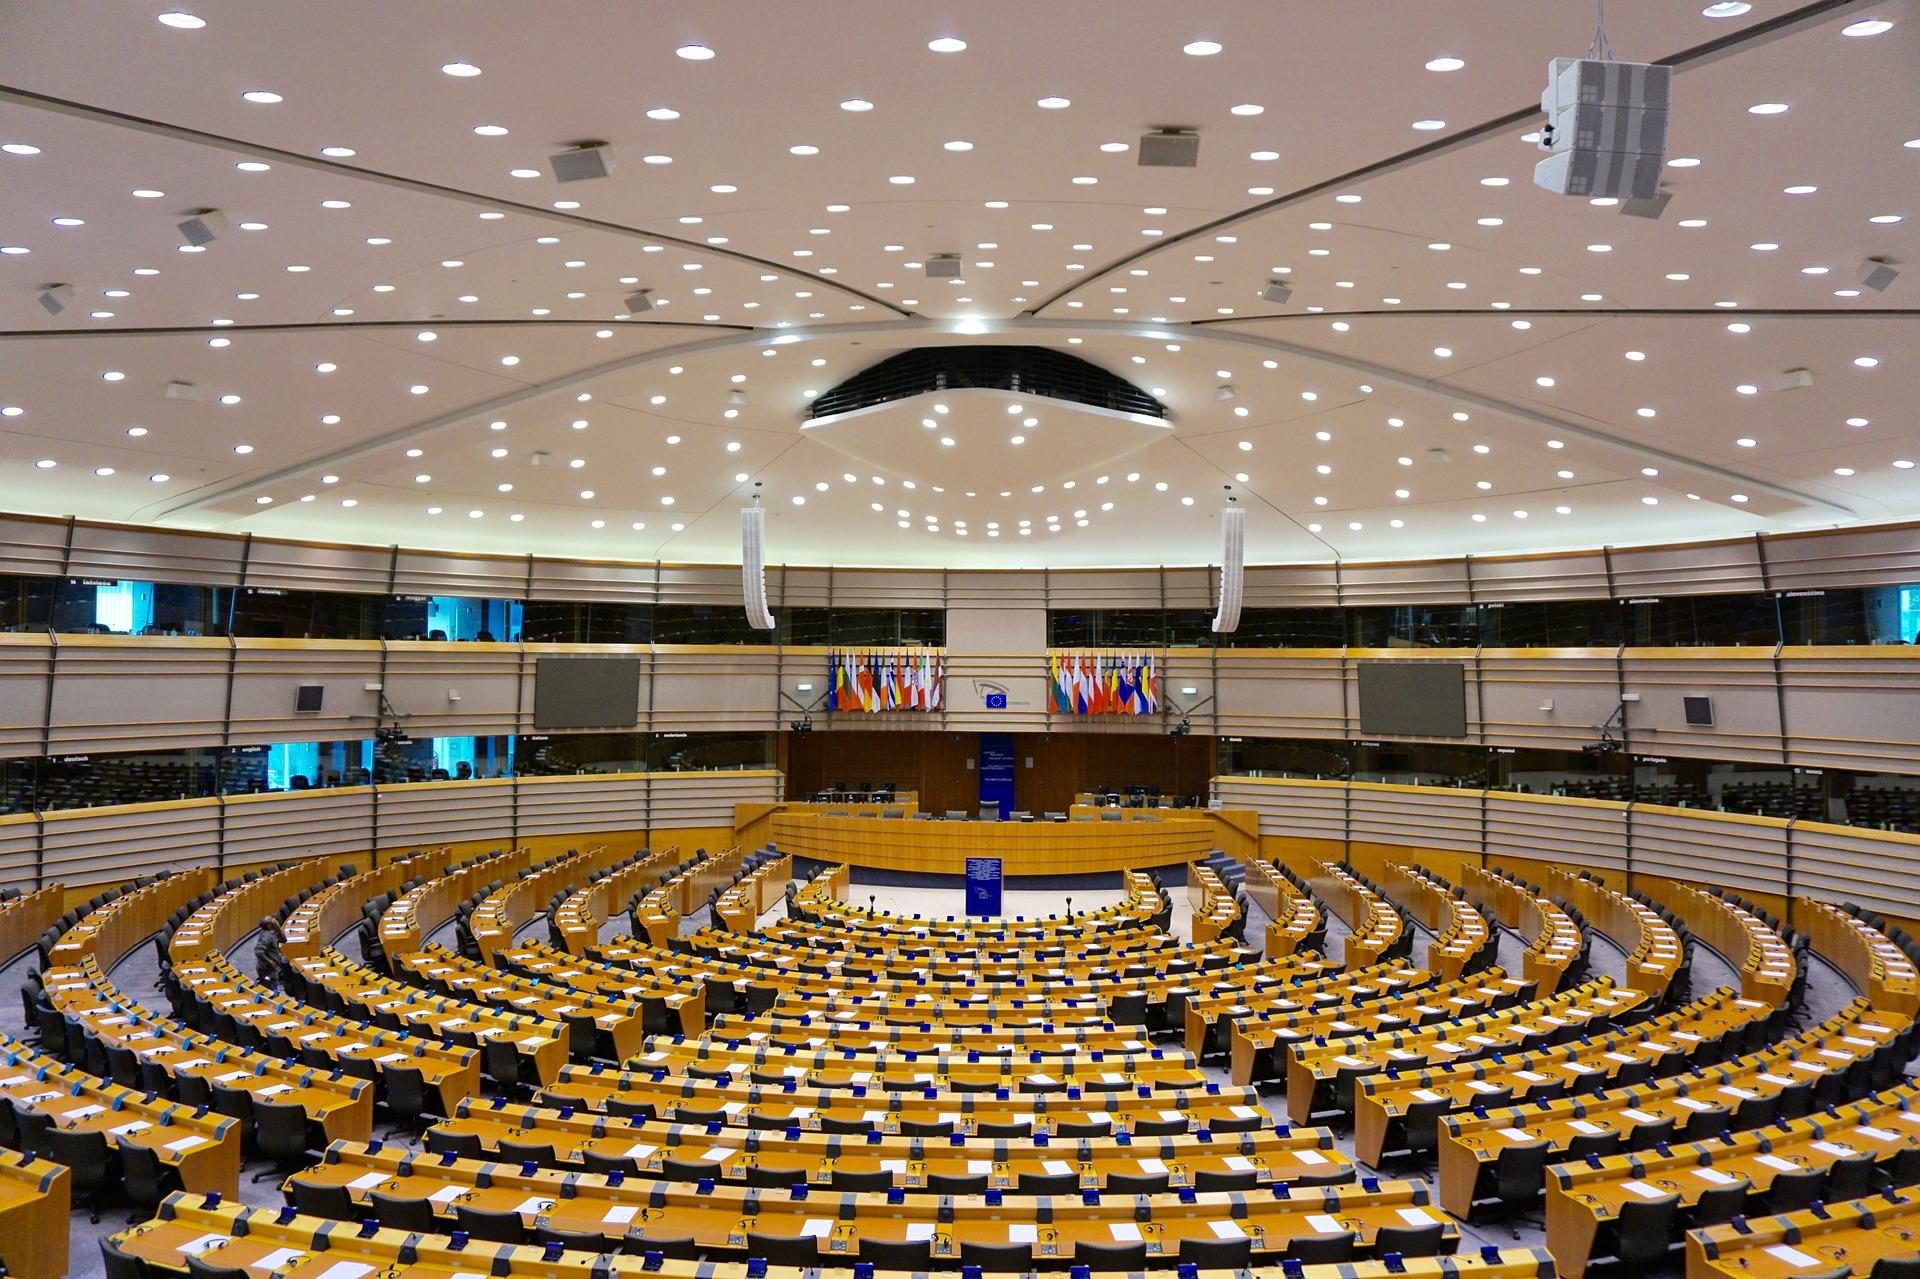 Ungarn legt Veto auf gemeinsame EU-Erklärung über Israel Konflikt ein